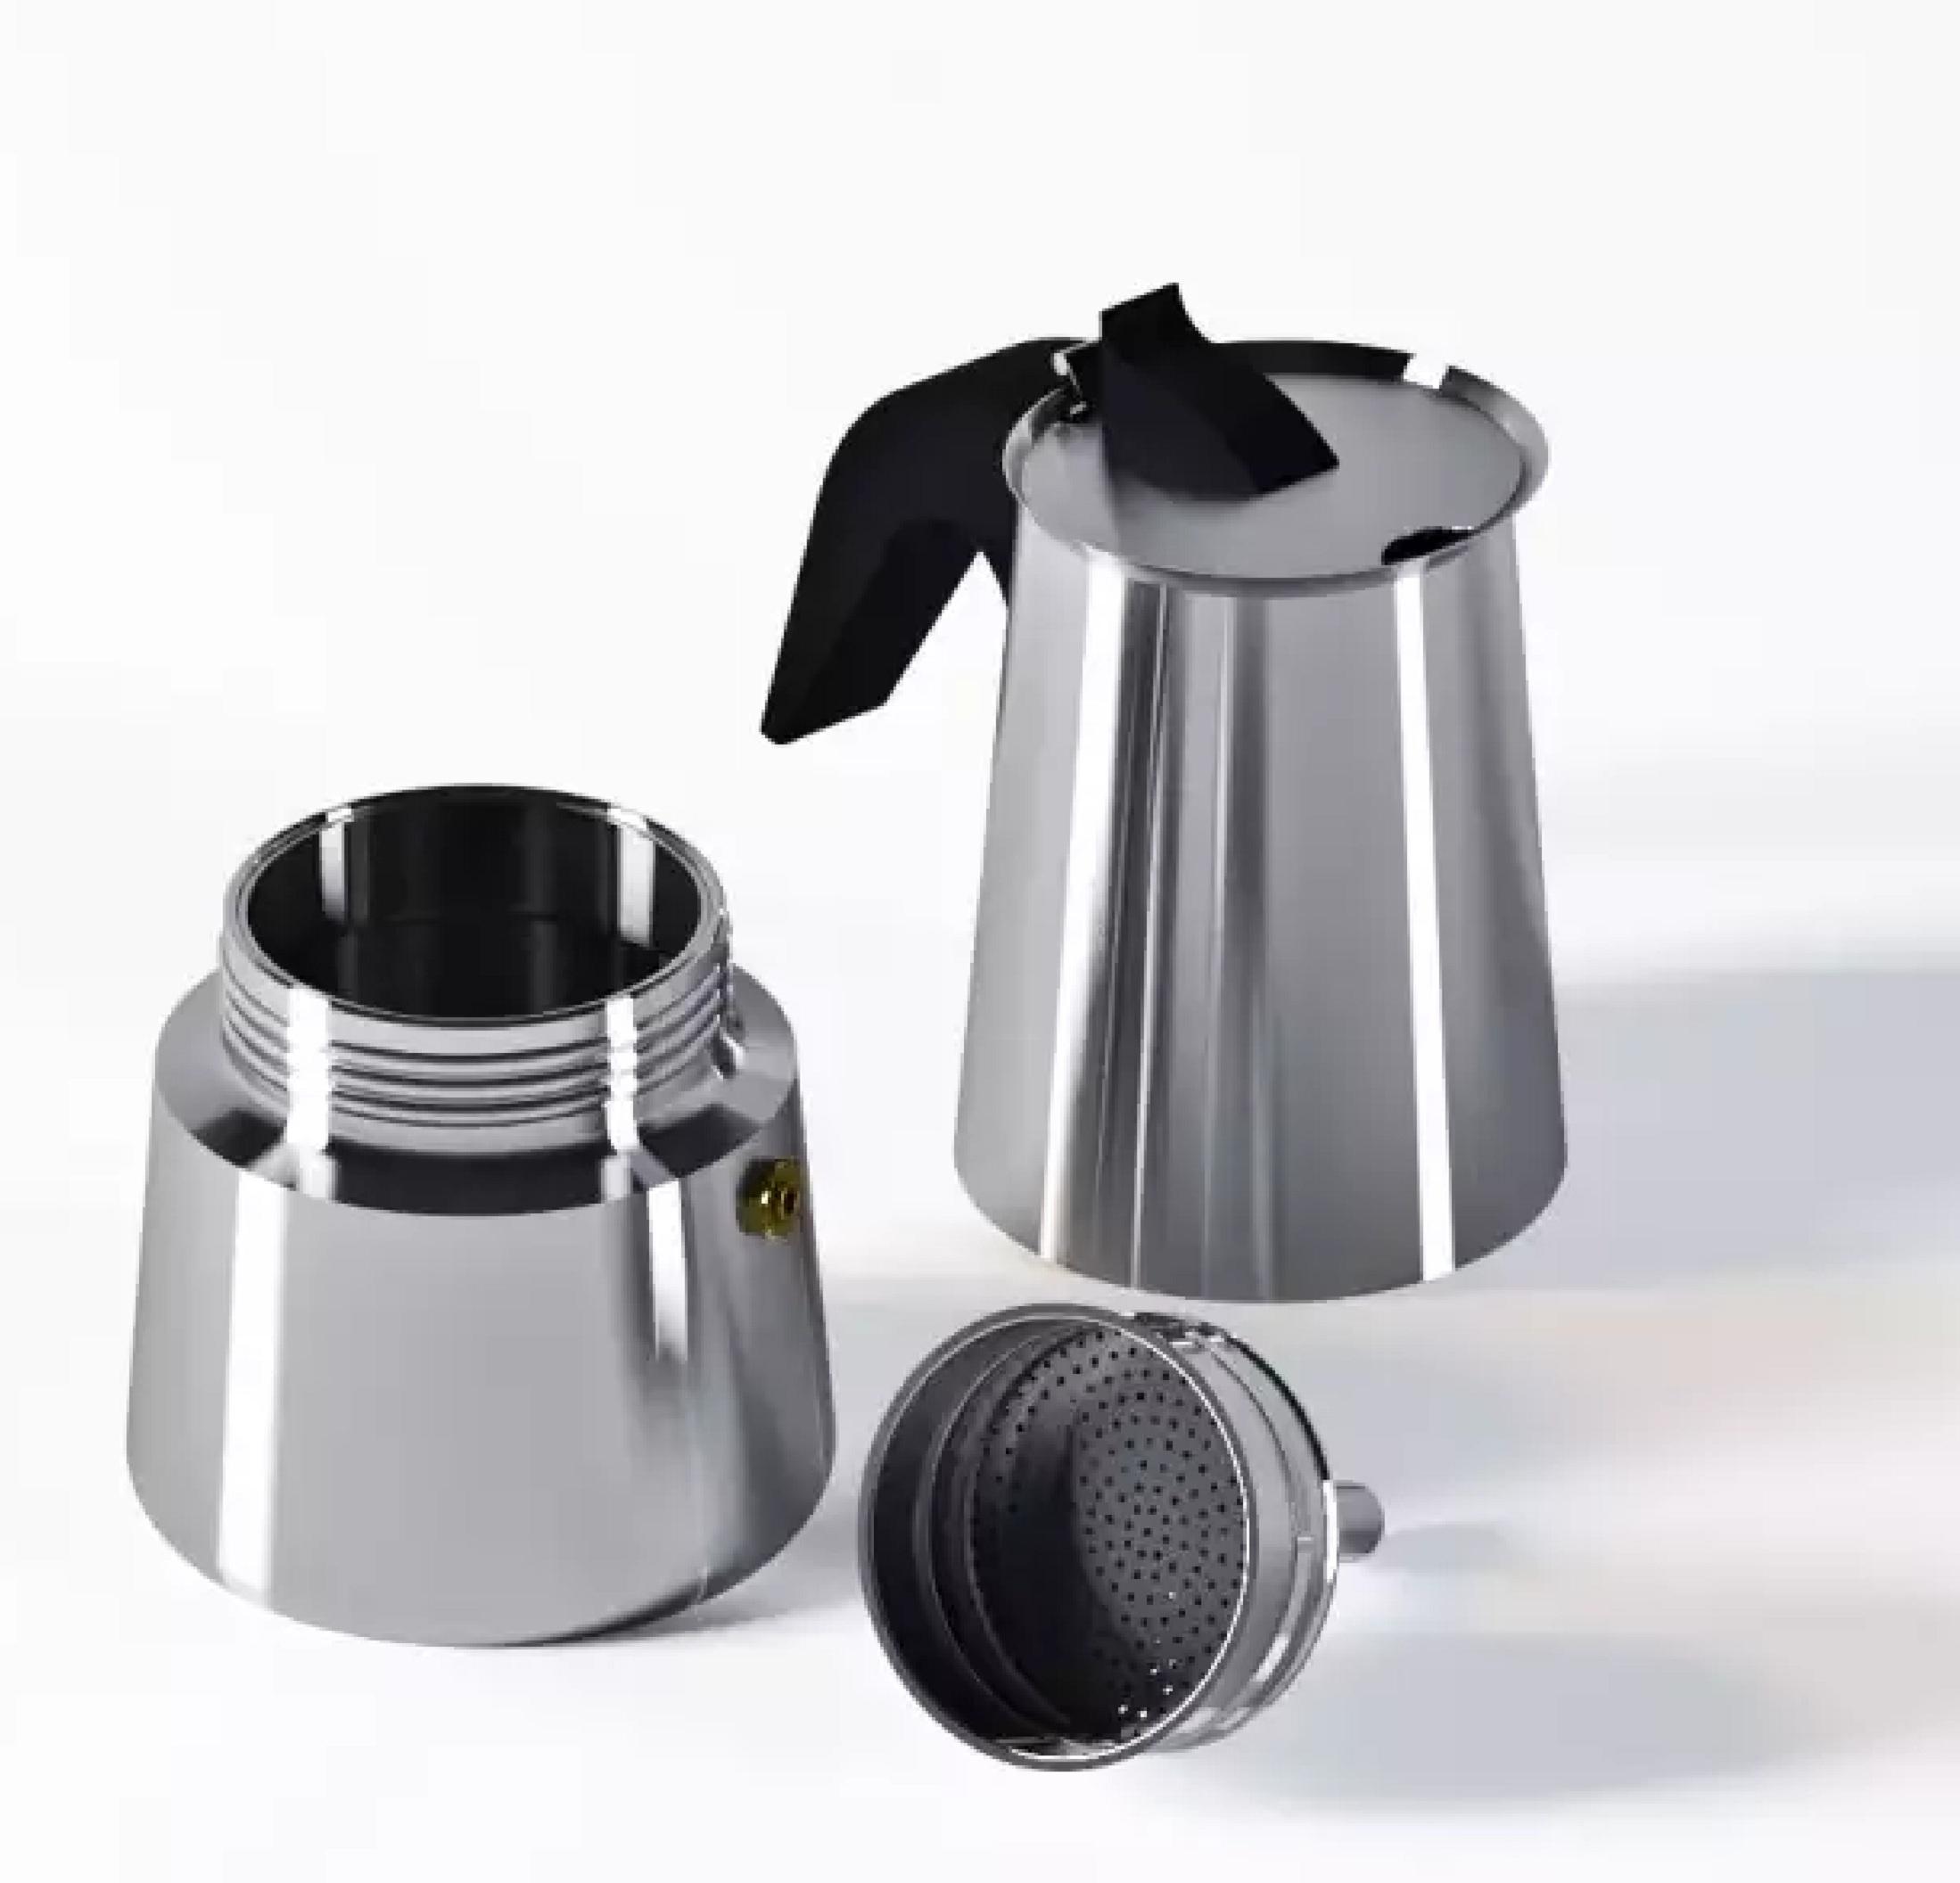 BOHMANN Кофеварка гейзерная на 6 чашек BH 9506